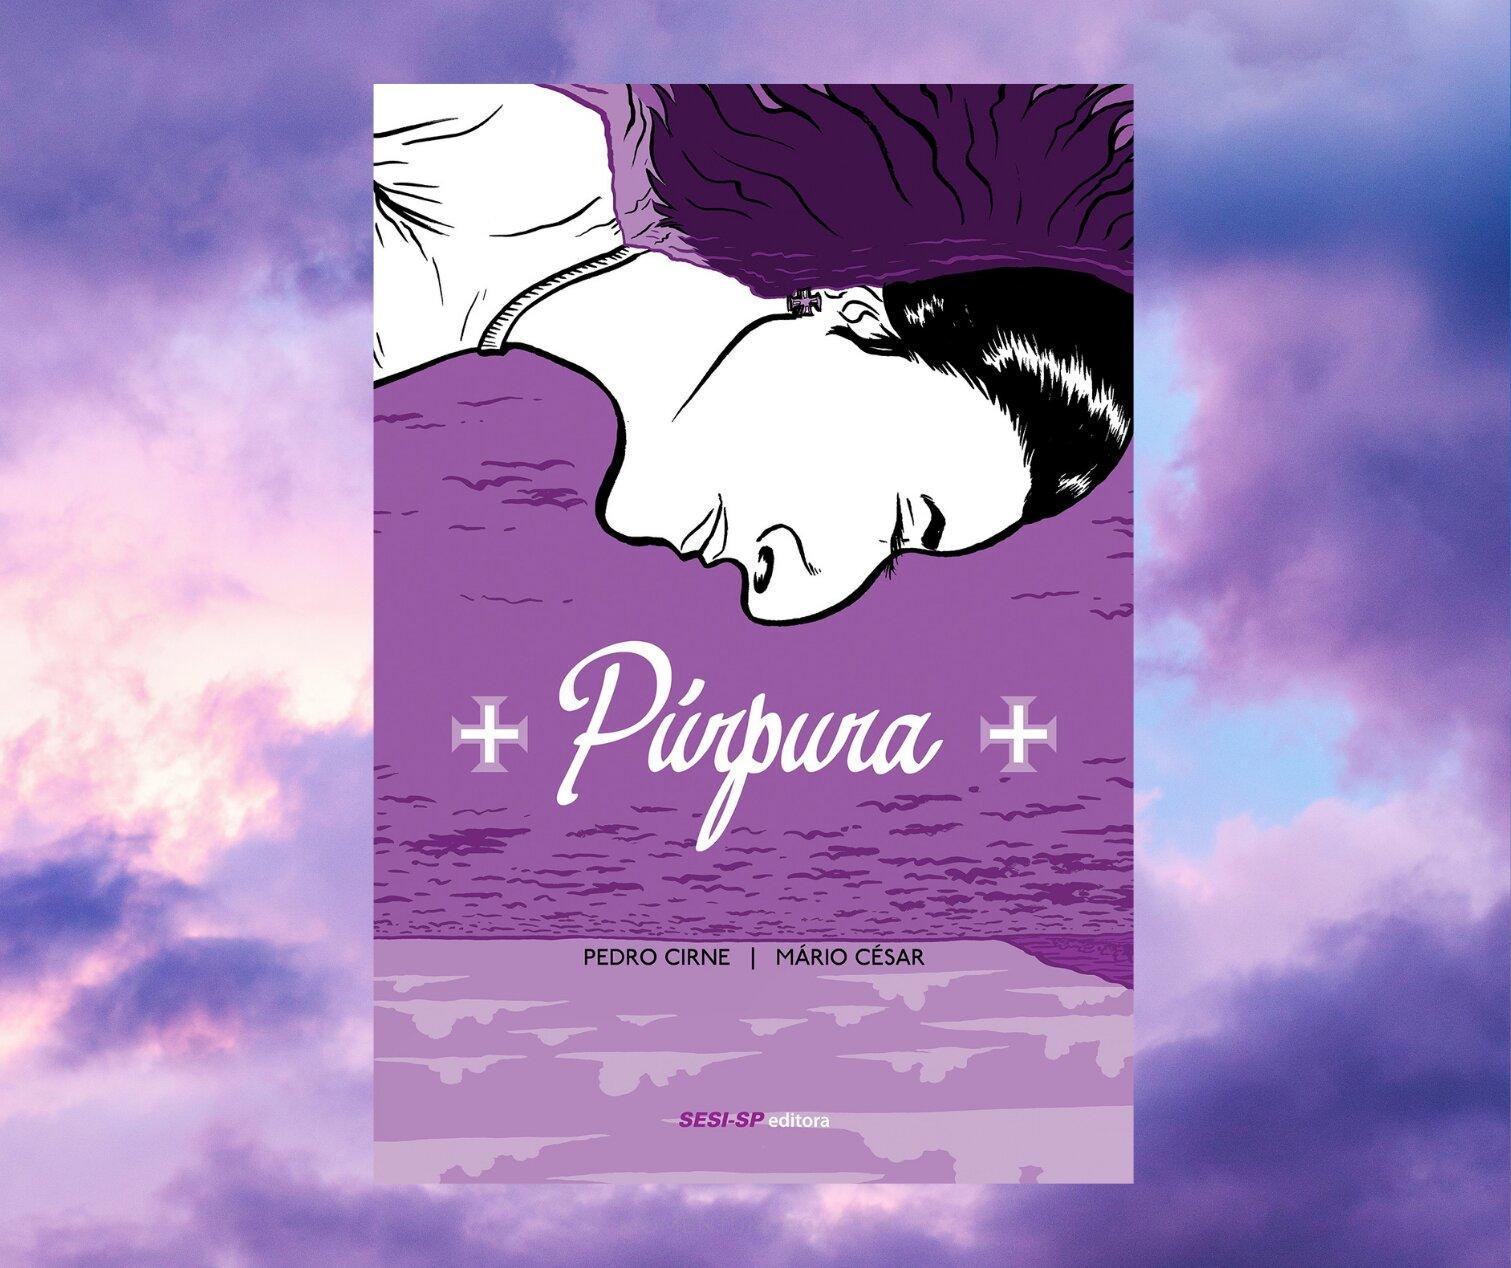 Resenha: Púrpura, de Pedro Cirne e Mário César